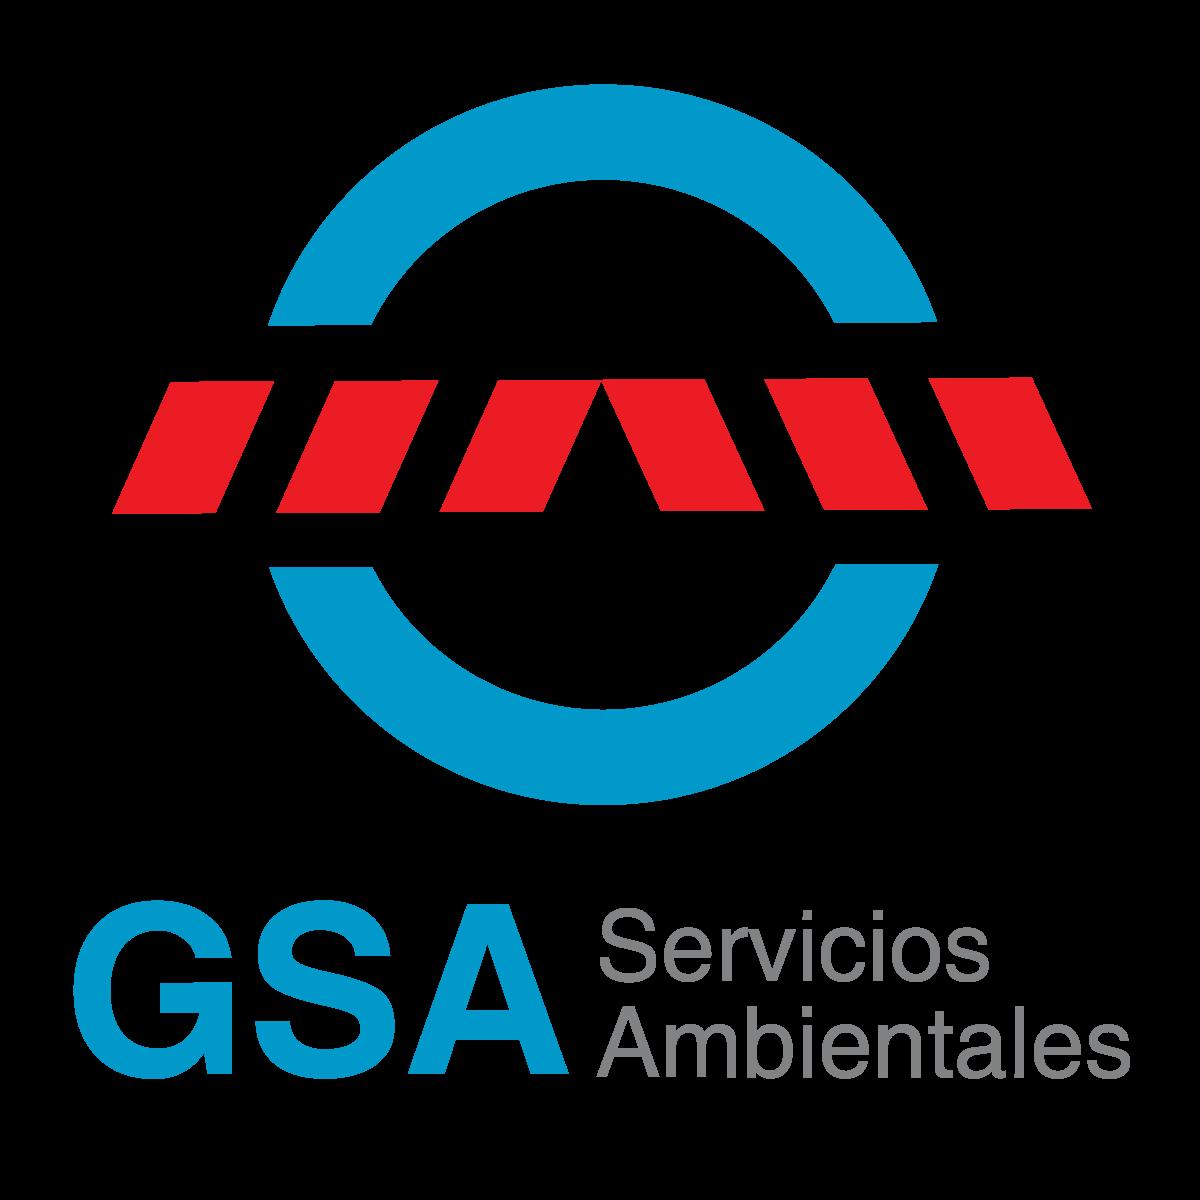 GSA Servicios Ambientales